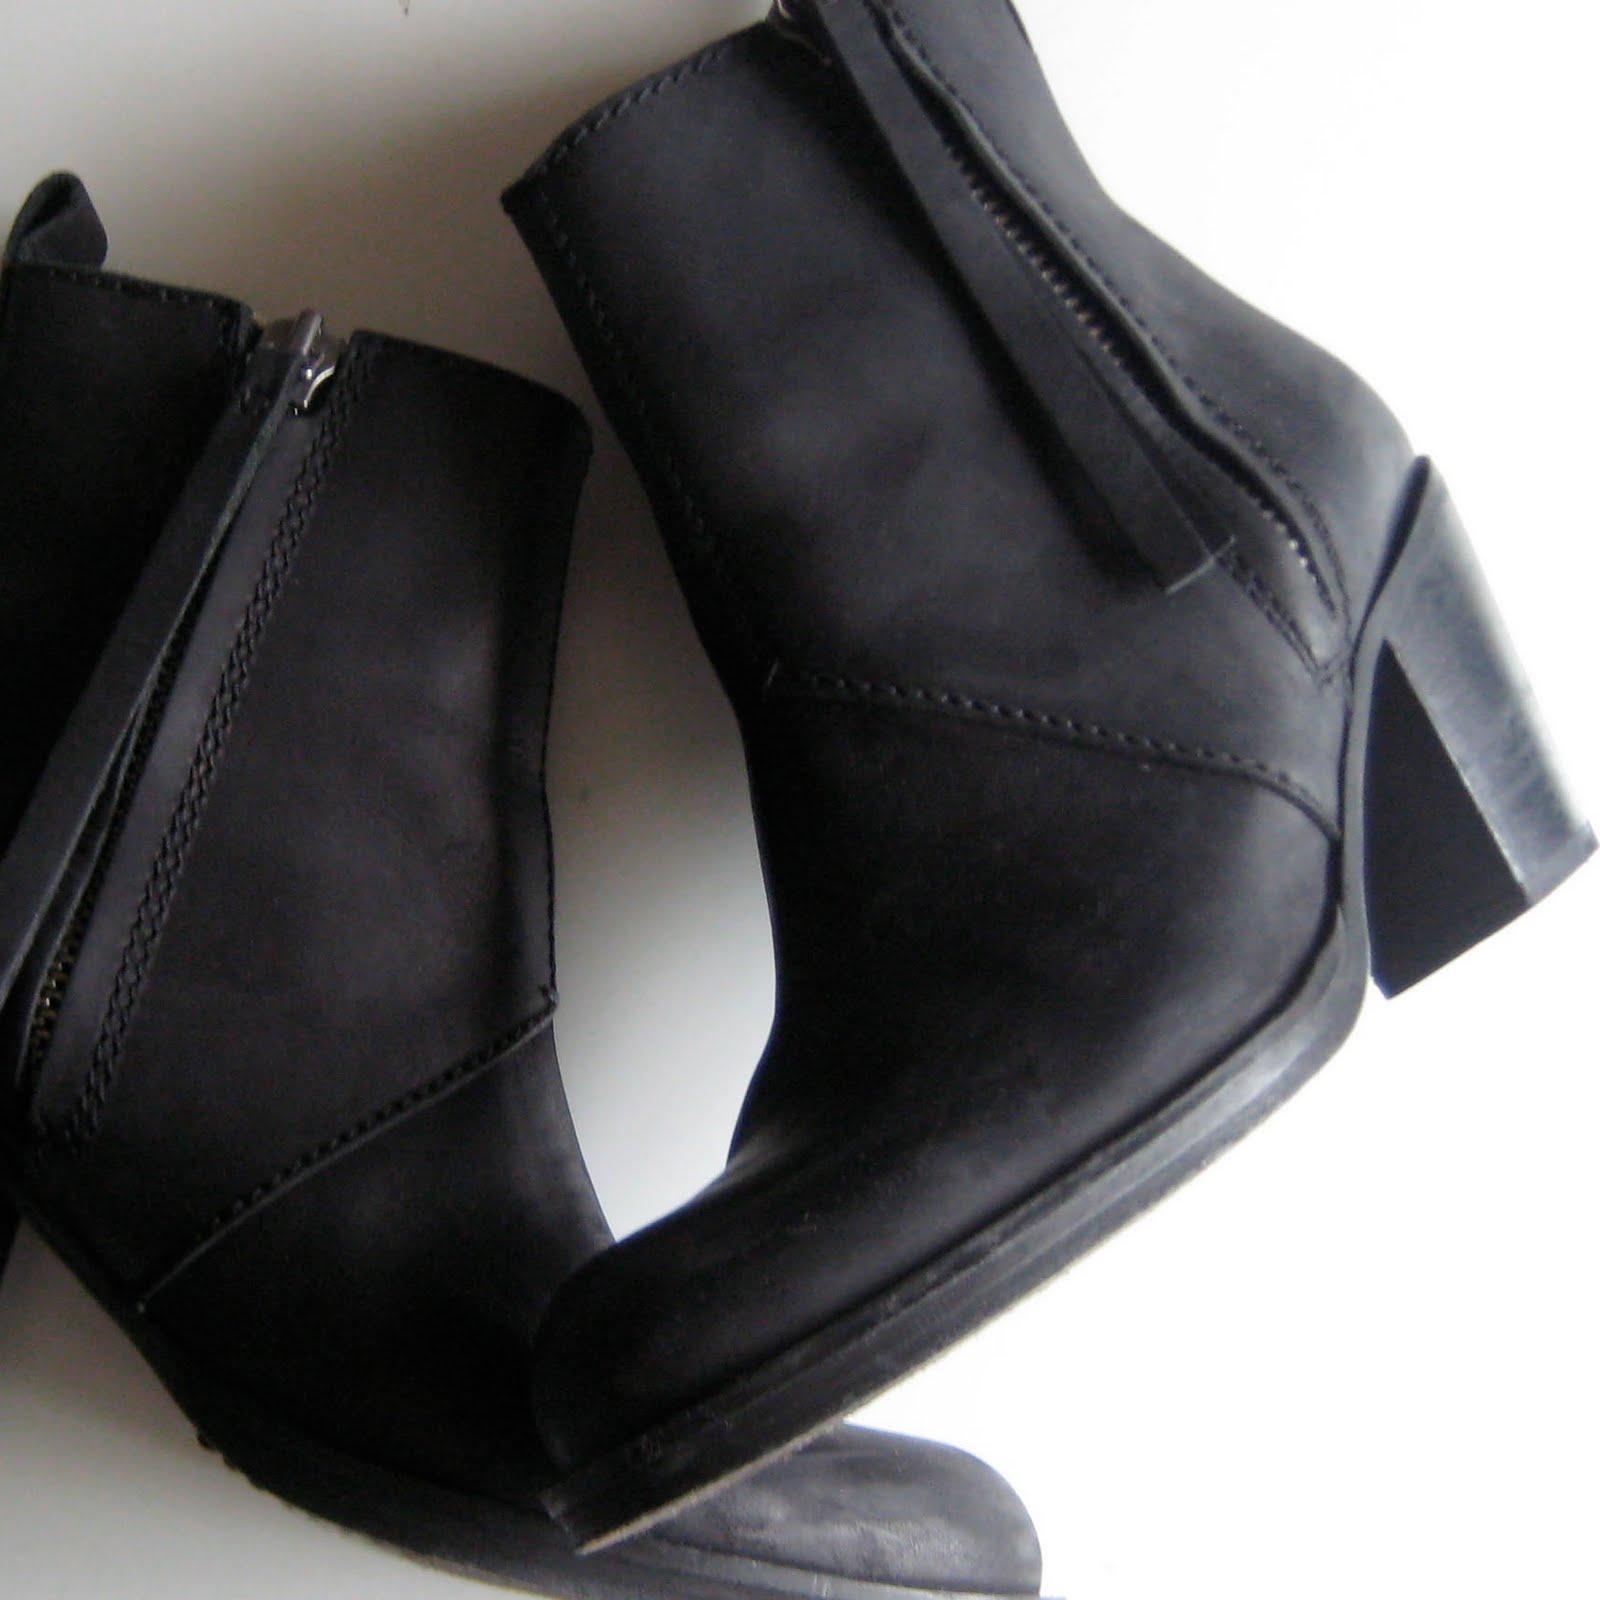 frankfurt fashion acne pistol boot short. Black Bedroom Furniture Sets. Home Design Ideas